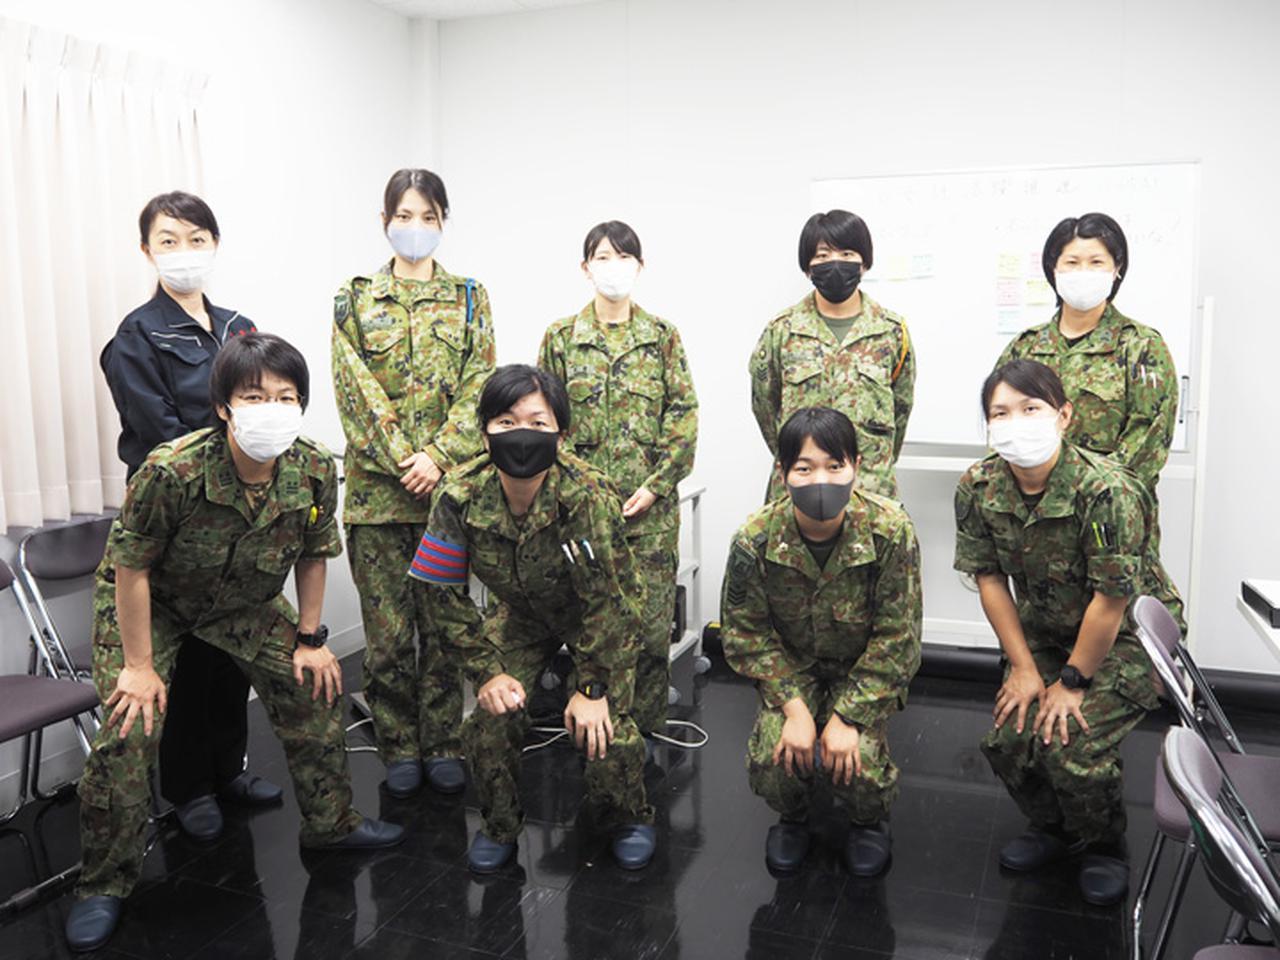 画像: この日、女性代表者会同に参加した9人 前列左から2人目が田中1曹、後列右から2人目が石川士長